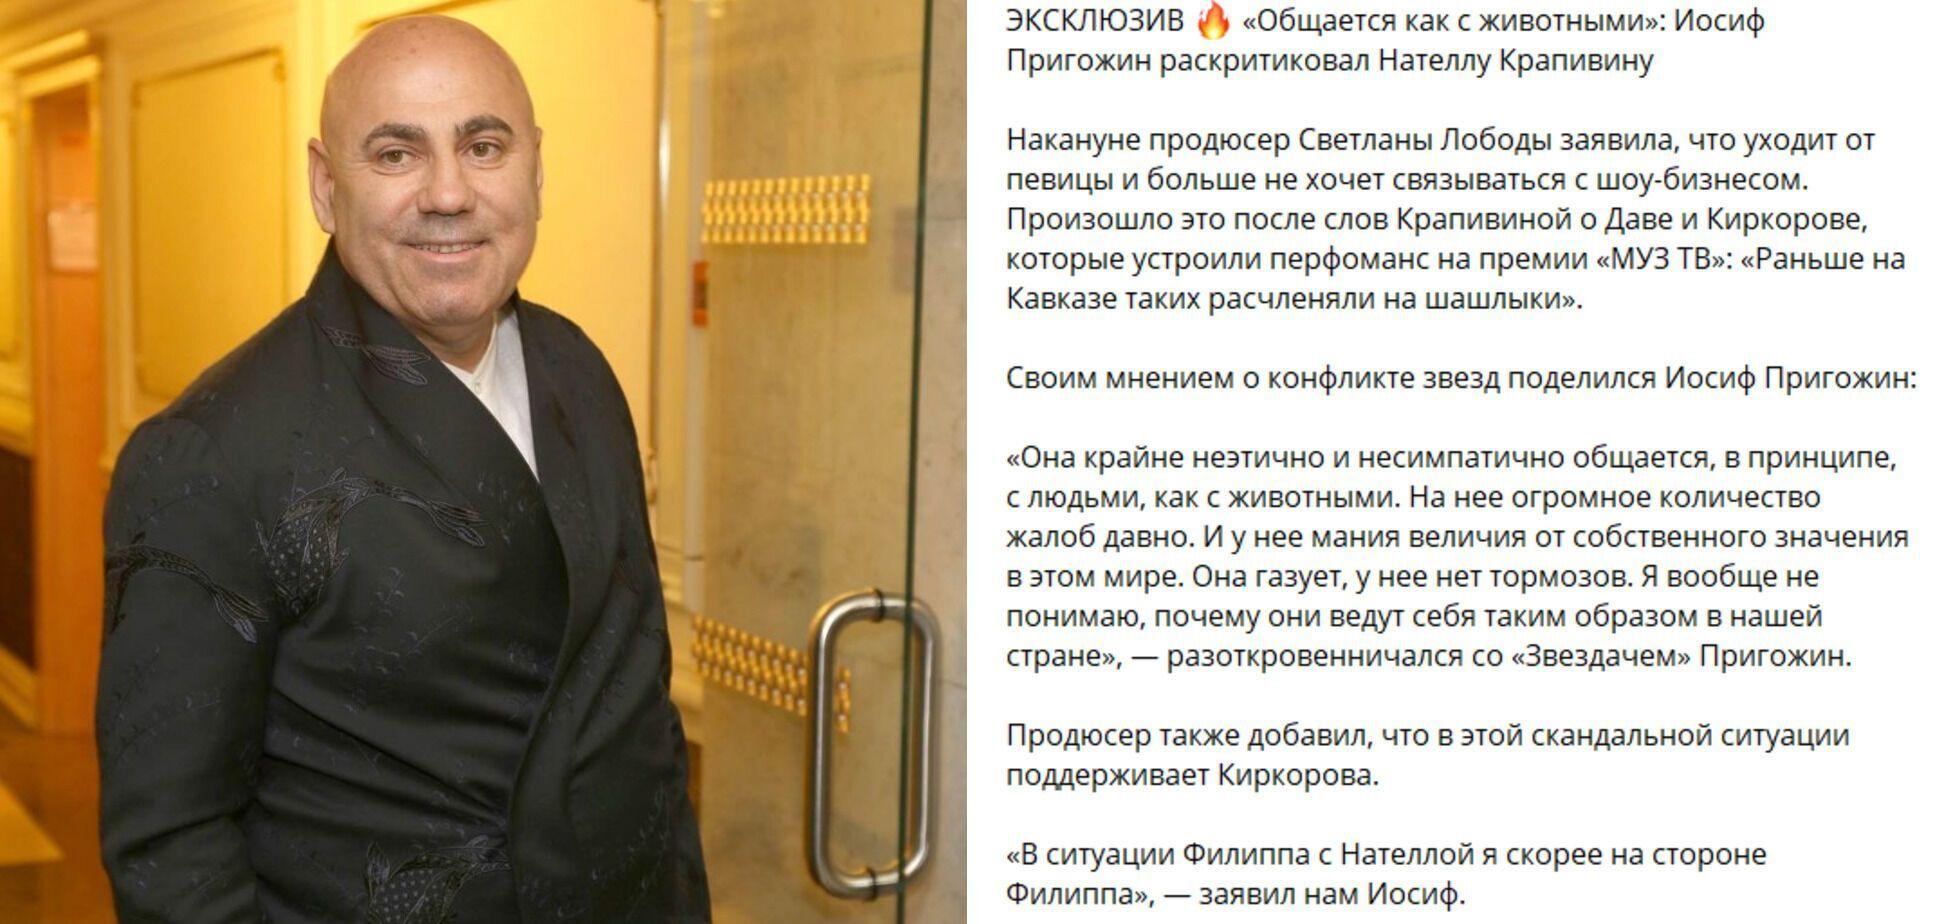 Пригожин высказался о скандале между Крапивиной и Киркоровым